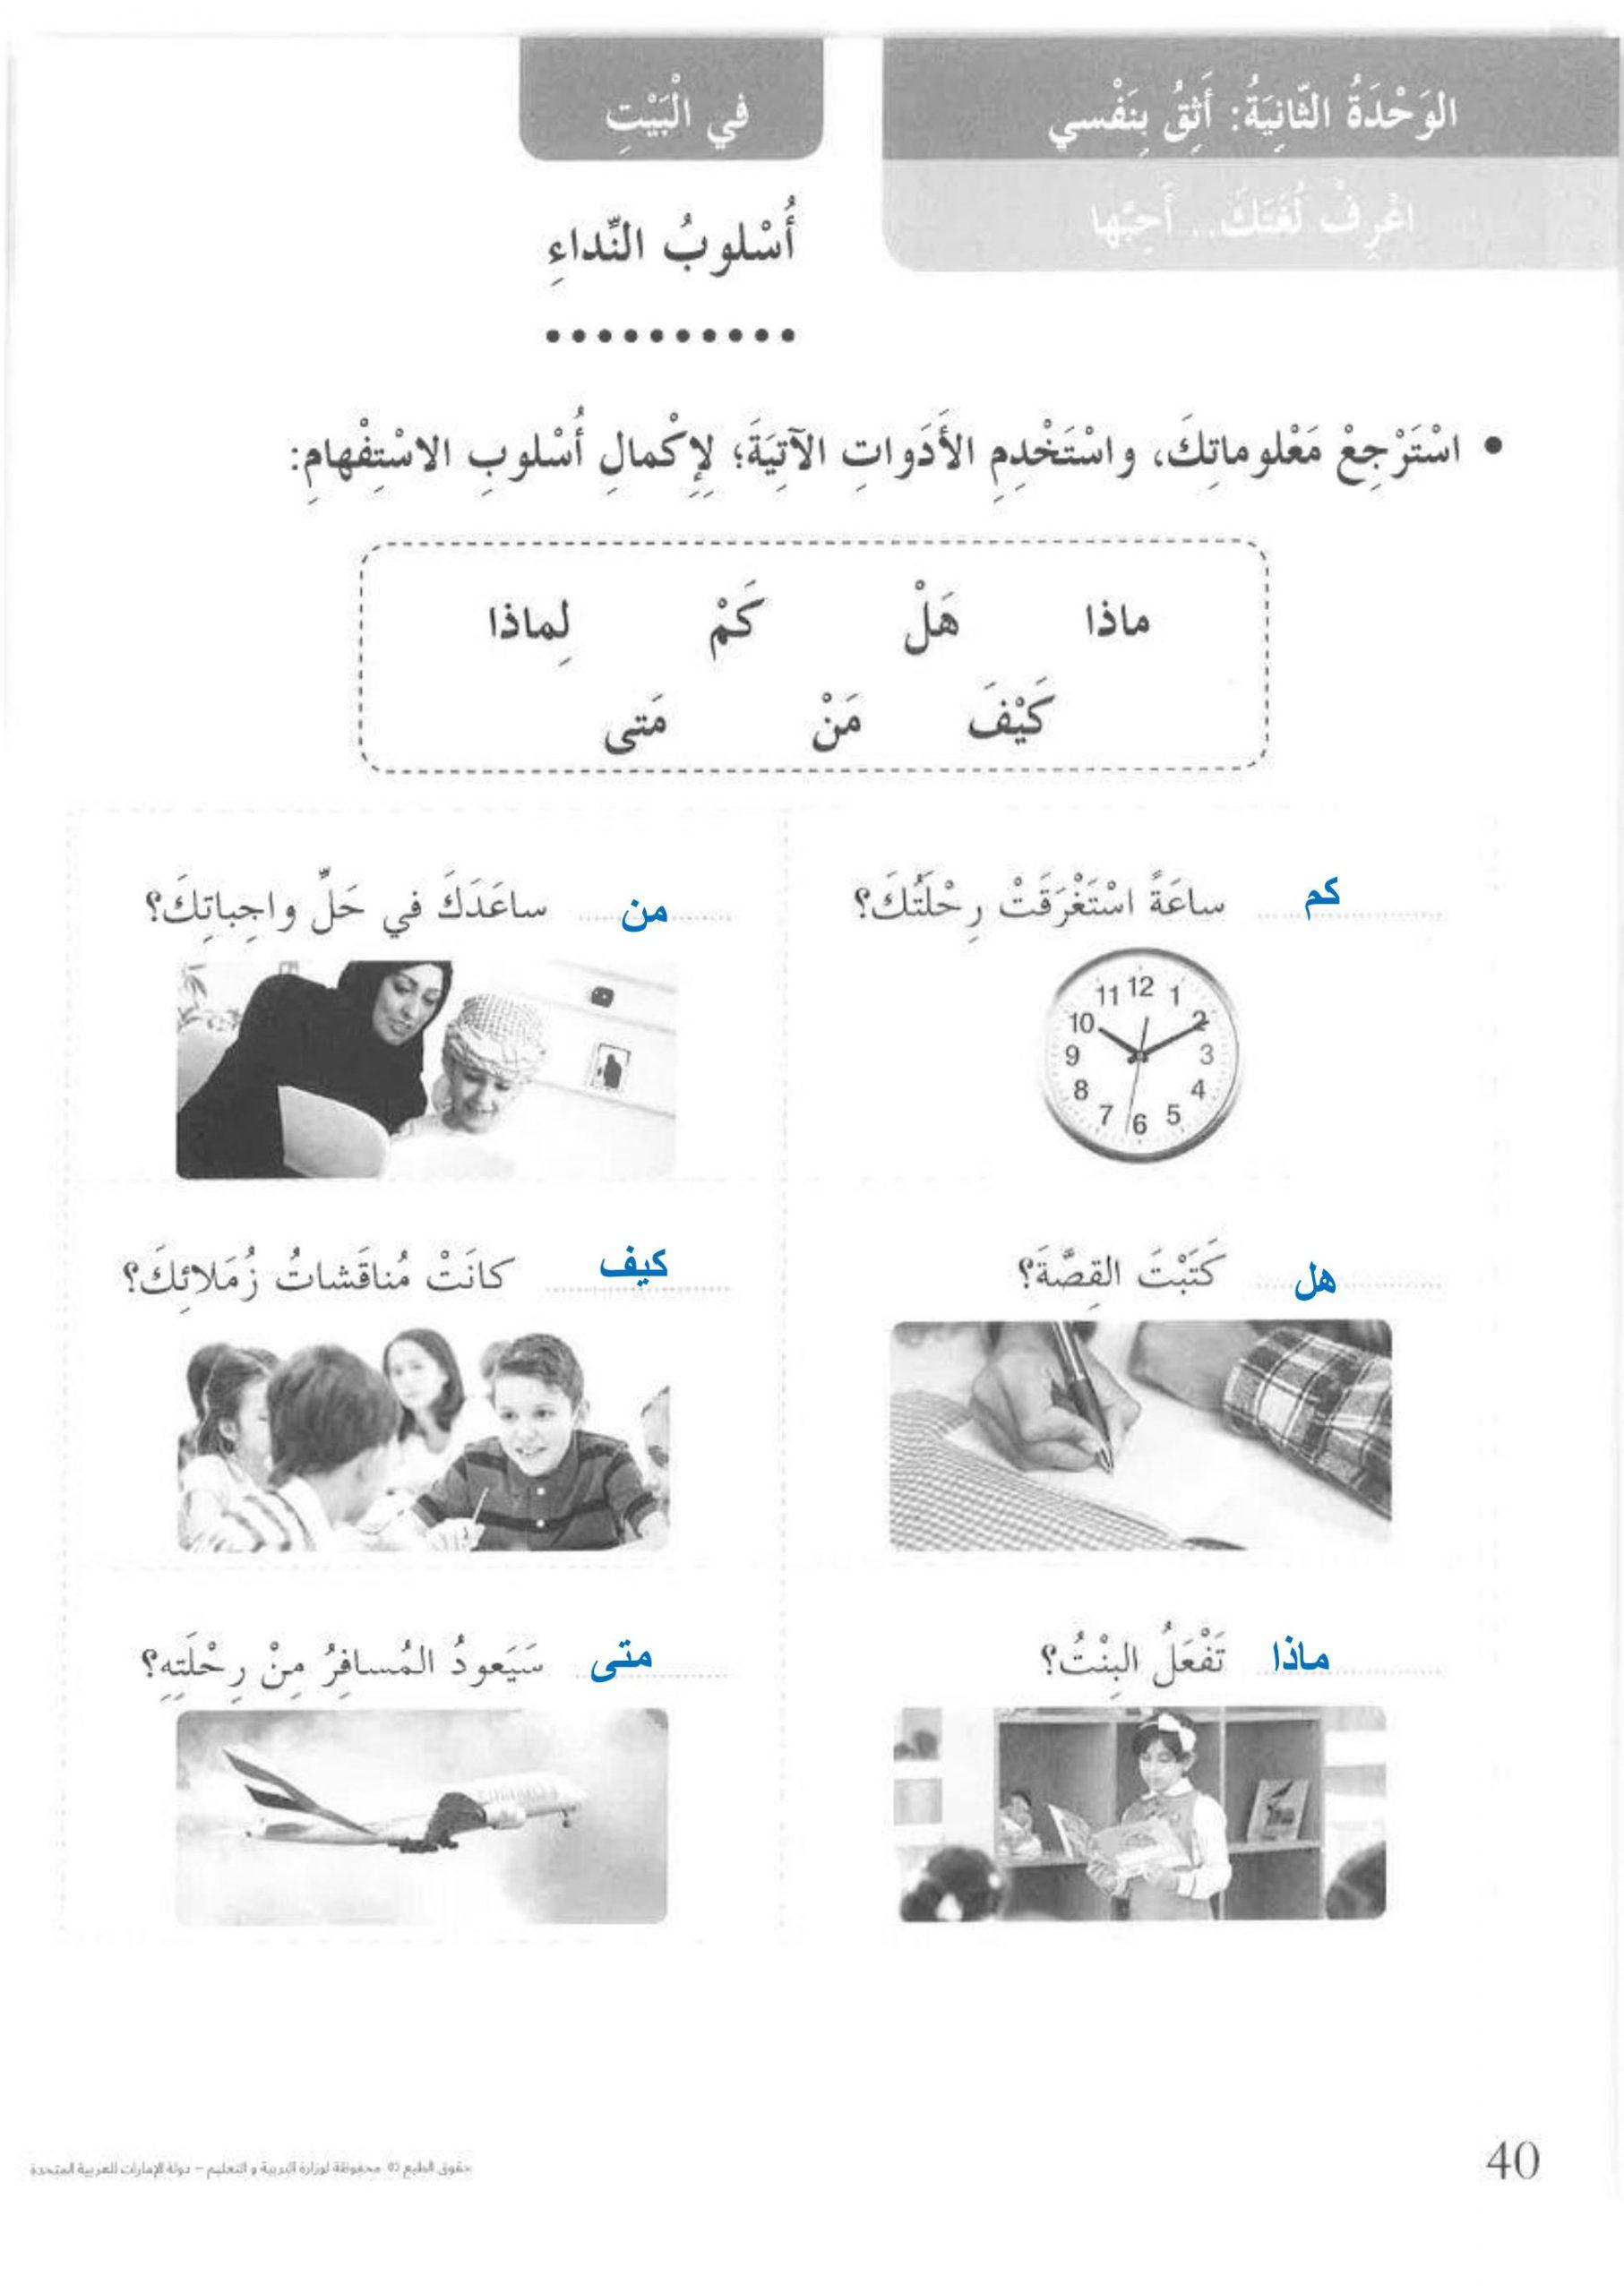 كتاب النشاط اثق بنفسي مع الاجابات للصف الثالث مادة اللغة العربية